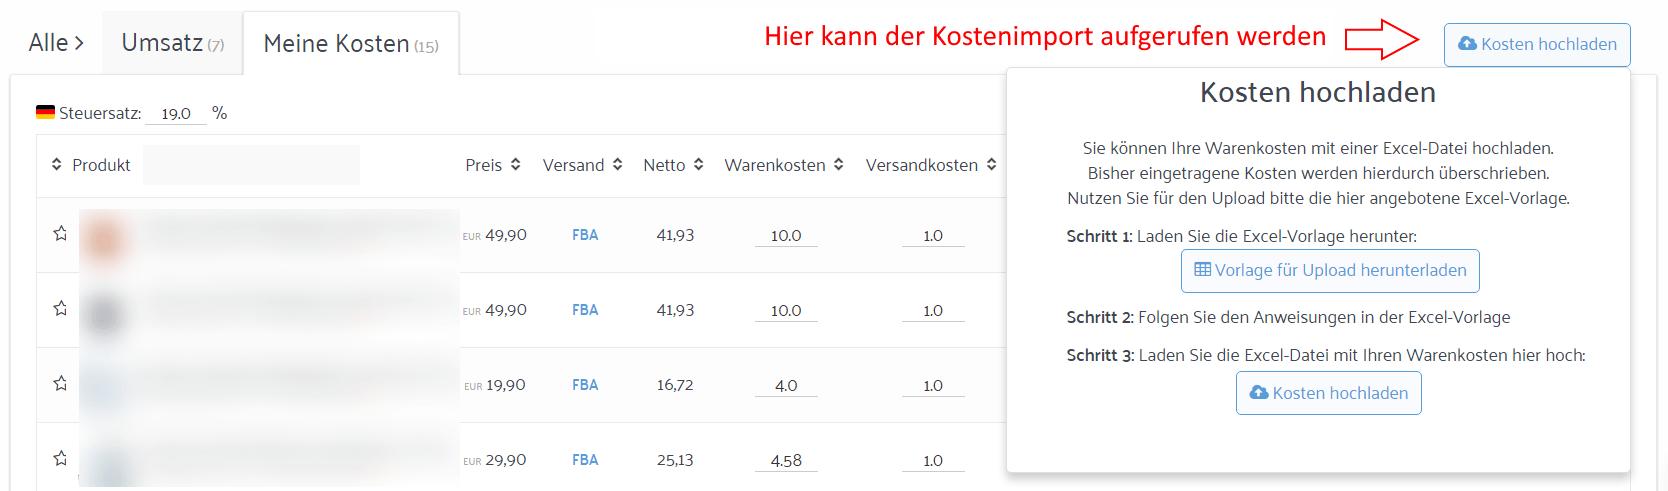 Atemberaubend Der Umsatz Log Vorlage Galerie - Bilder für das ...